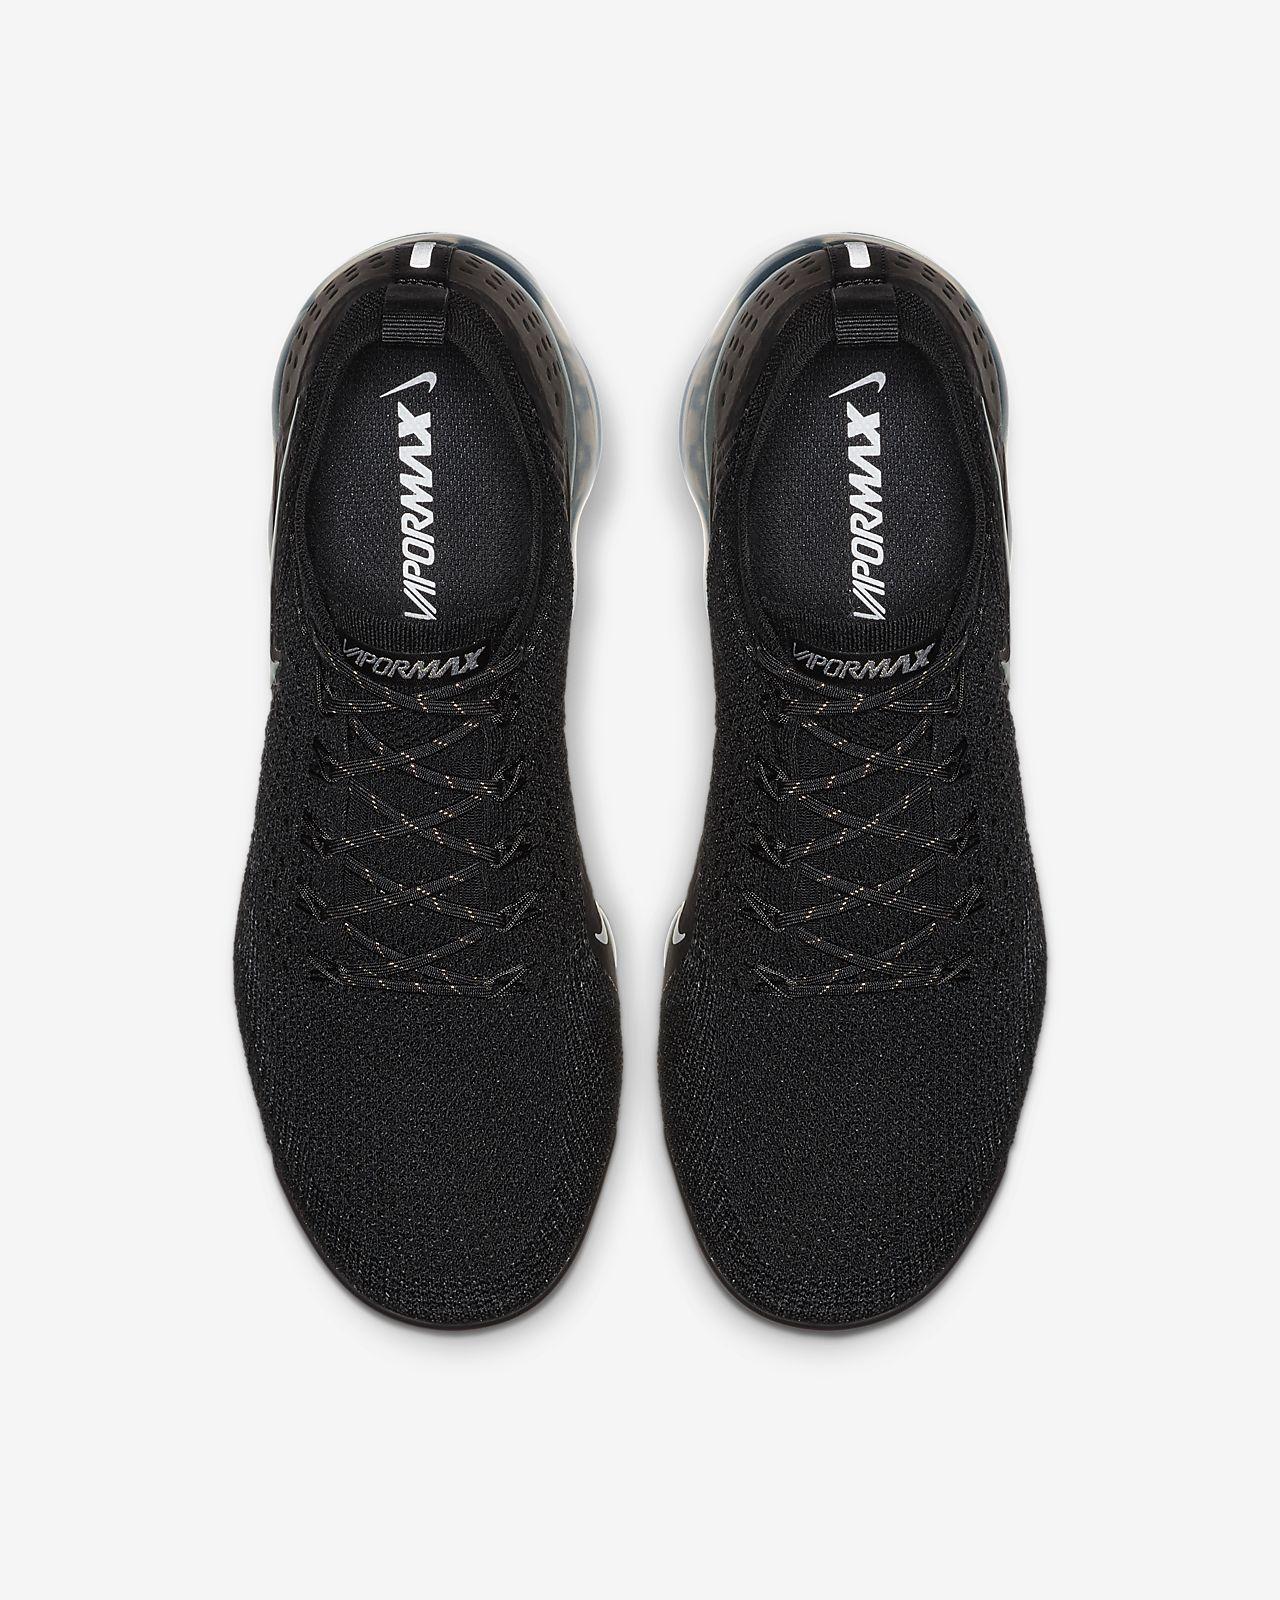 Real Nye Produkter Air Jordan Retro 3.5 Dame Svart Sko Luft